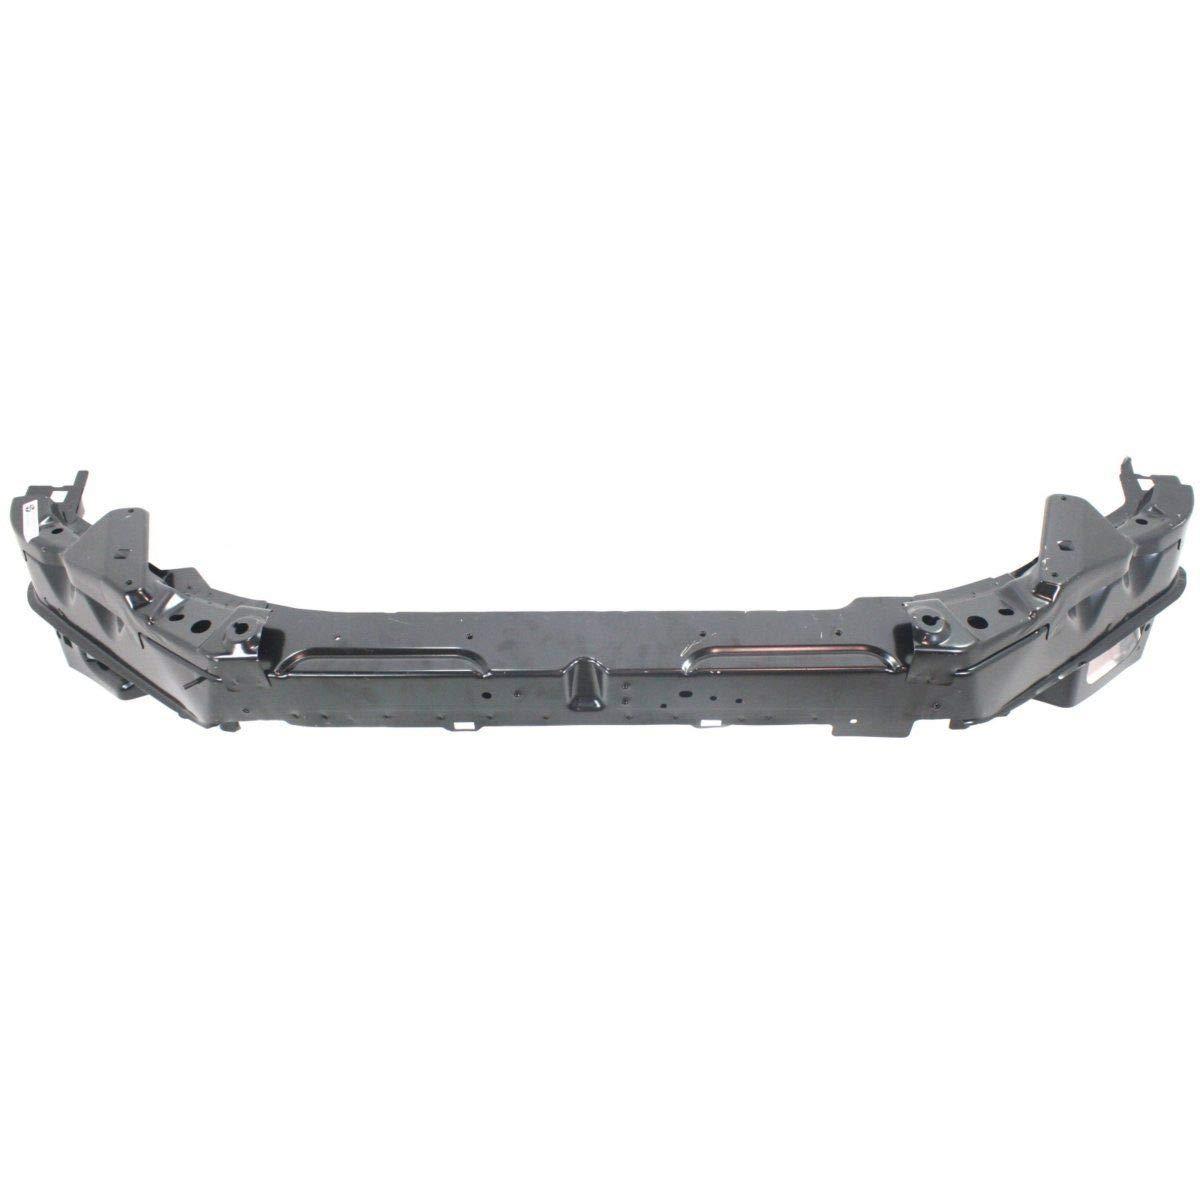 Upper Radiator Support For 84-88 Toyota Pickup Primed Upper Tie Bar